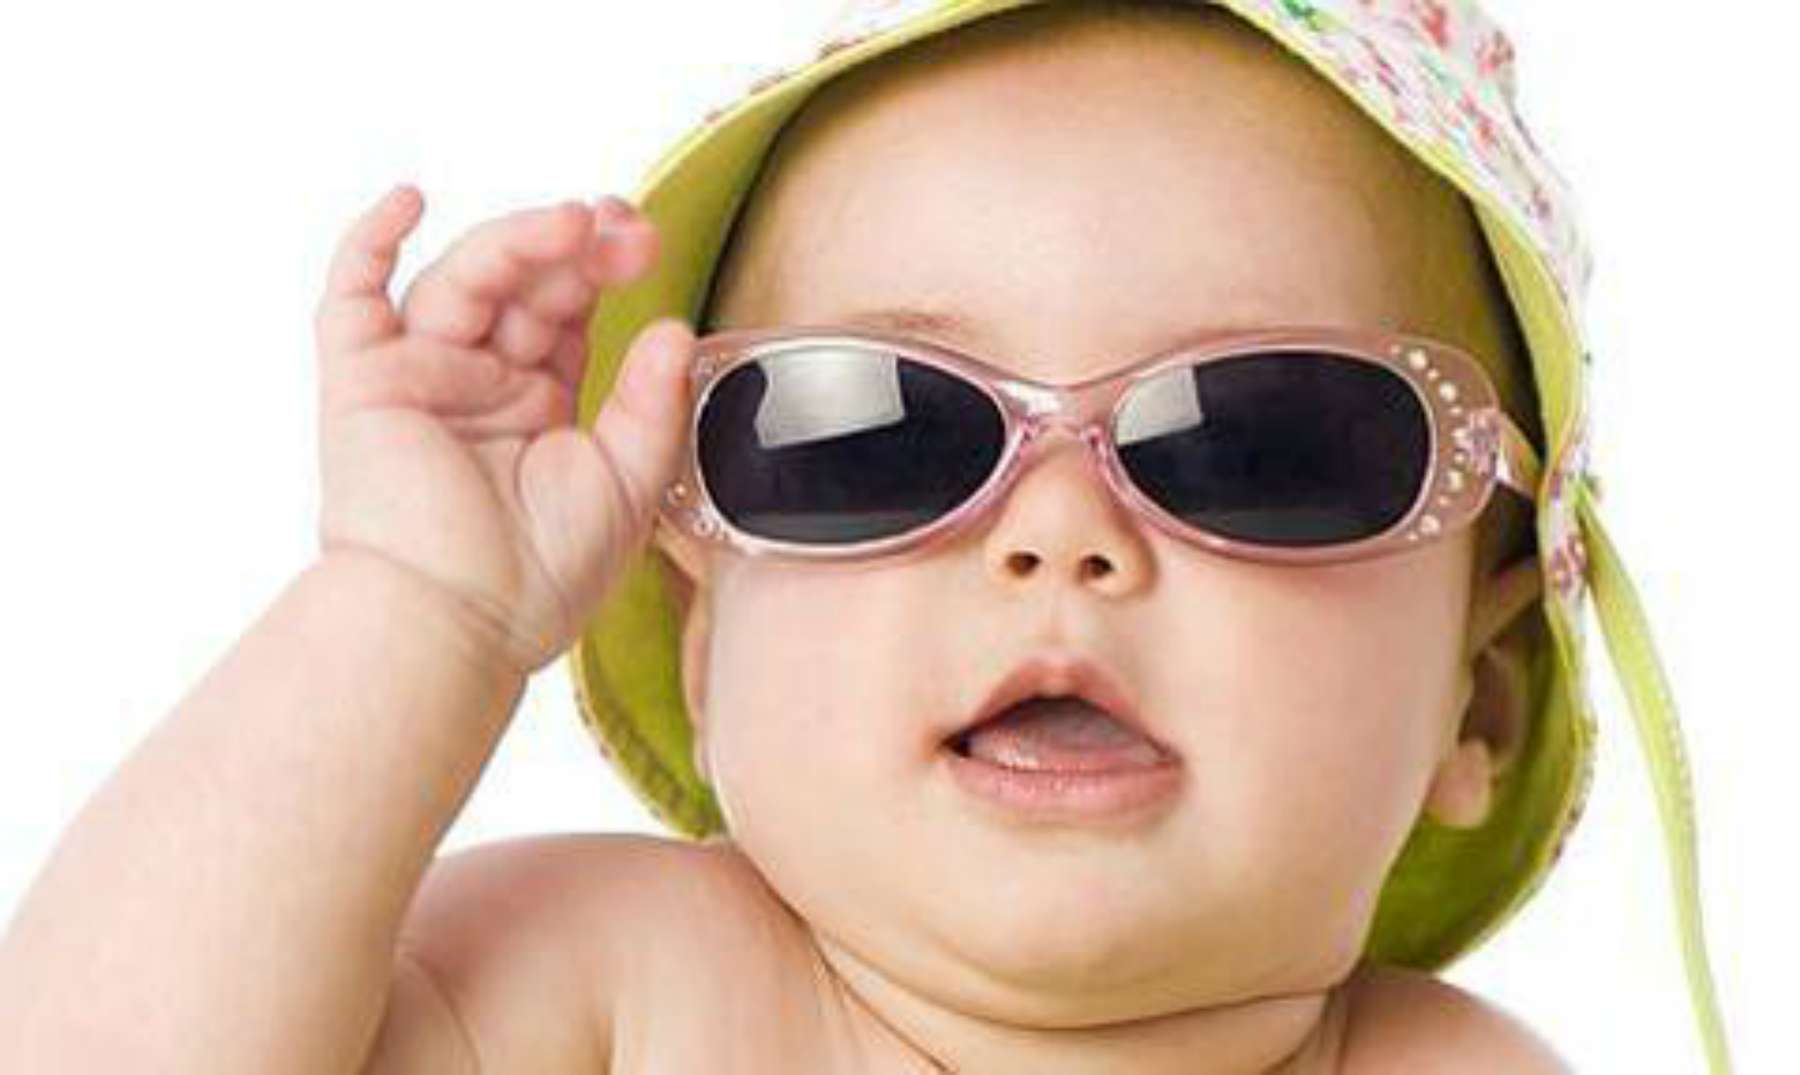 b4f7e27688 Esta bebé con gafas ¡ve bien por primera vez!